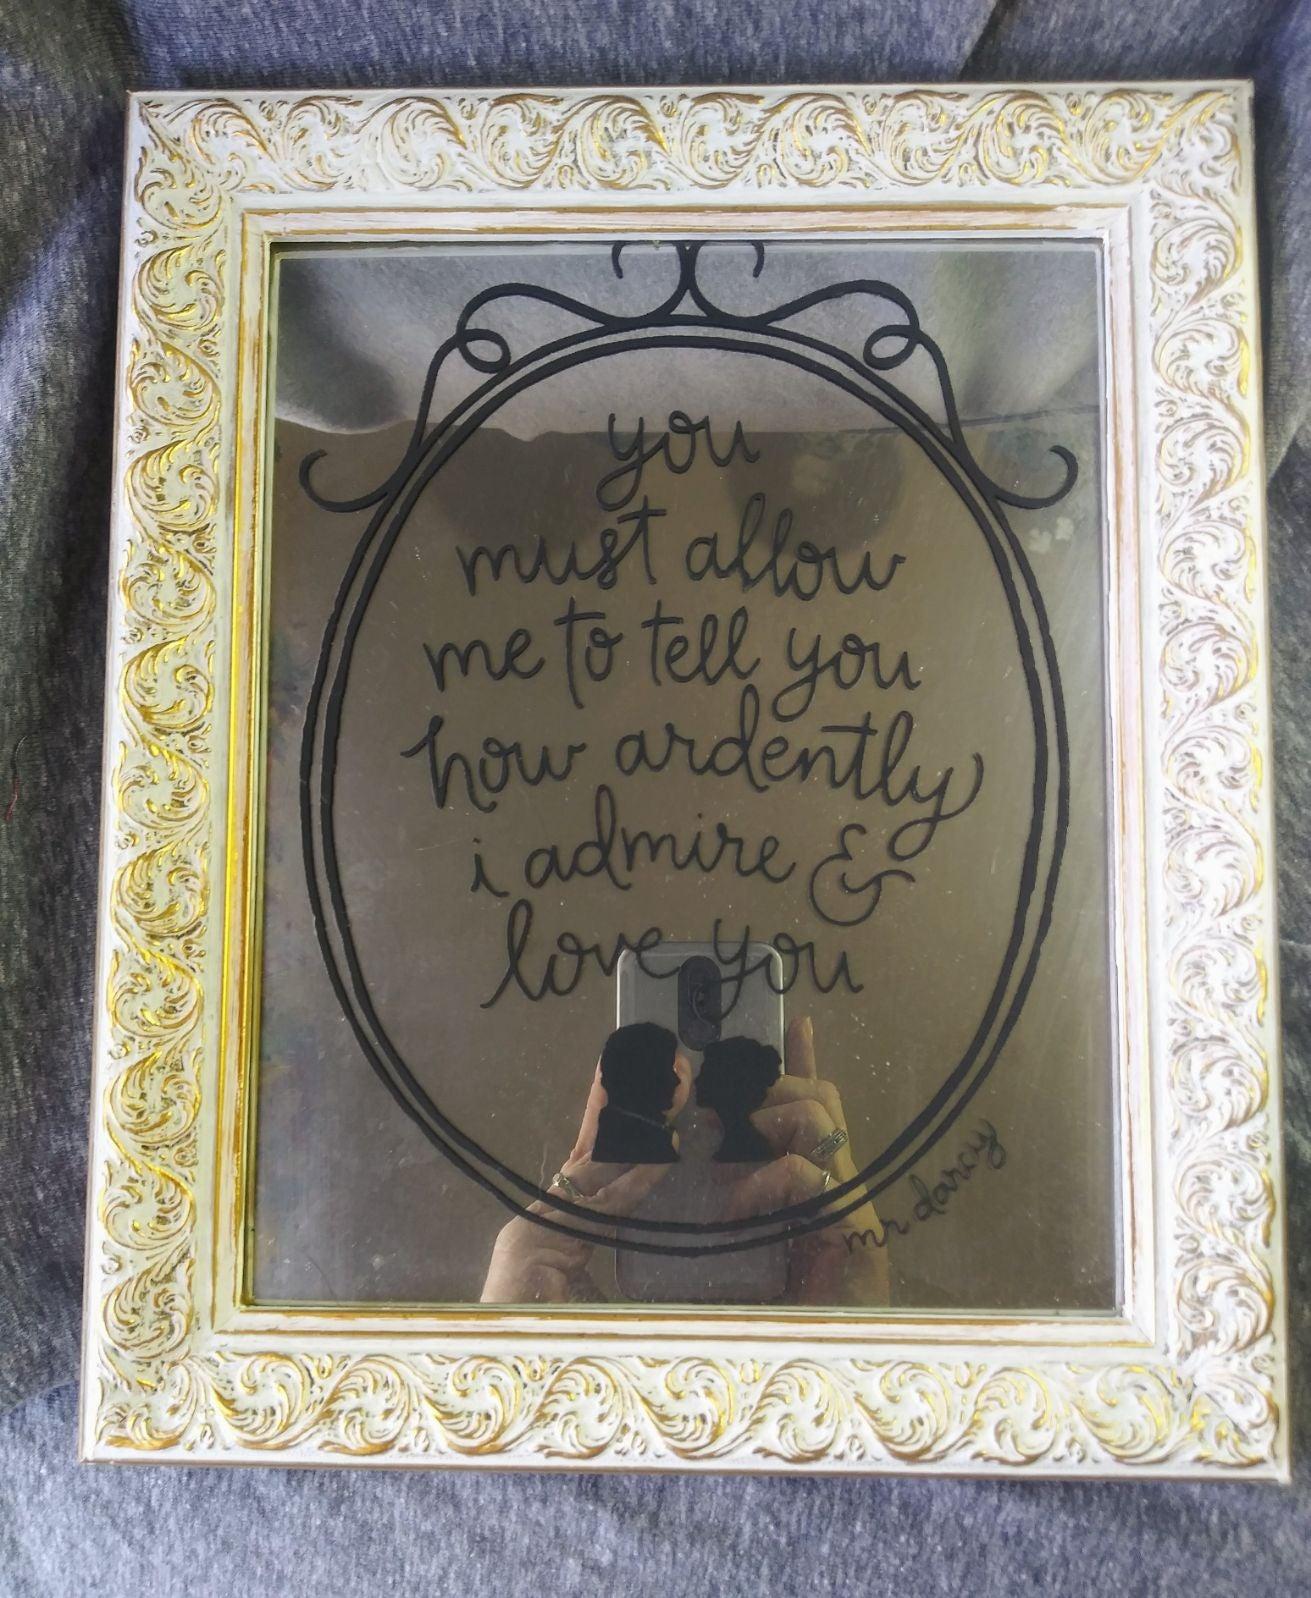 Handmade Jane Austen saying mirror